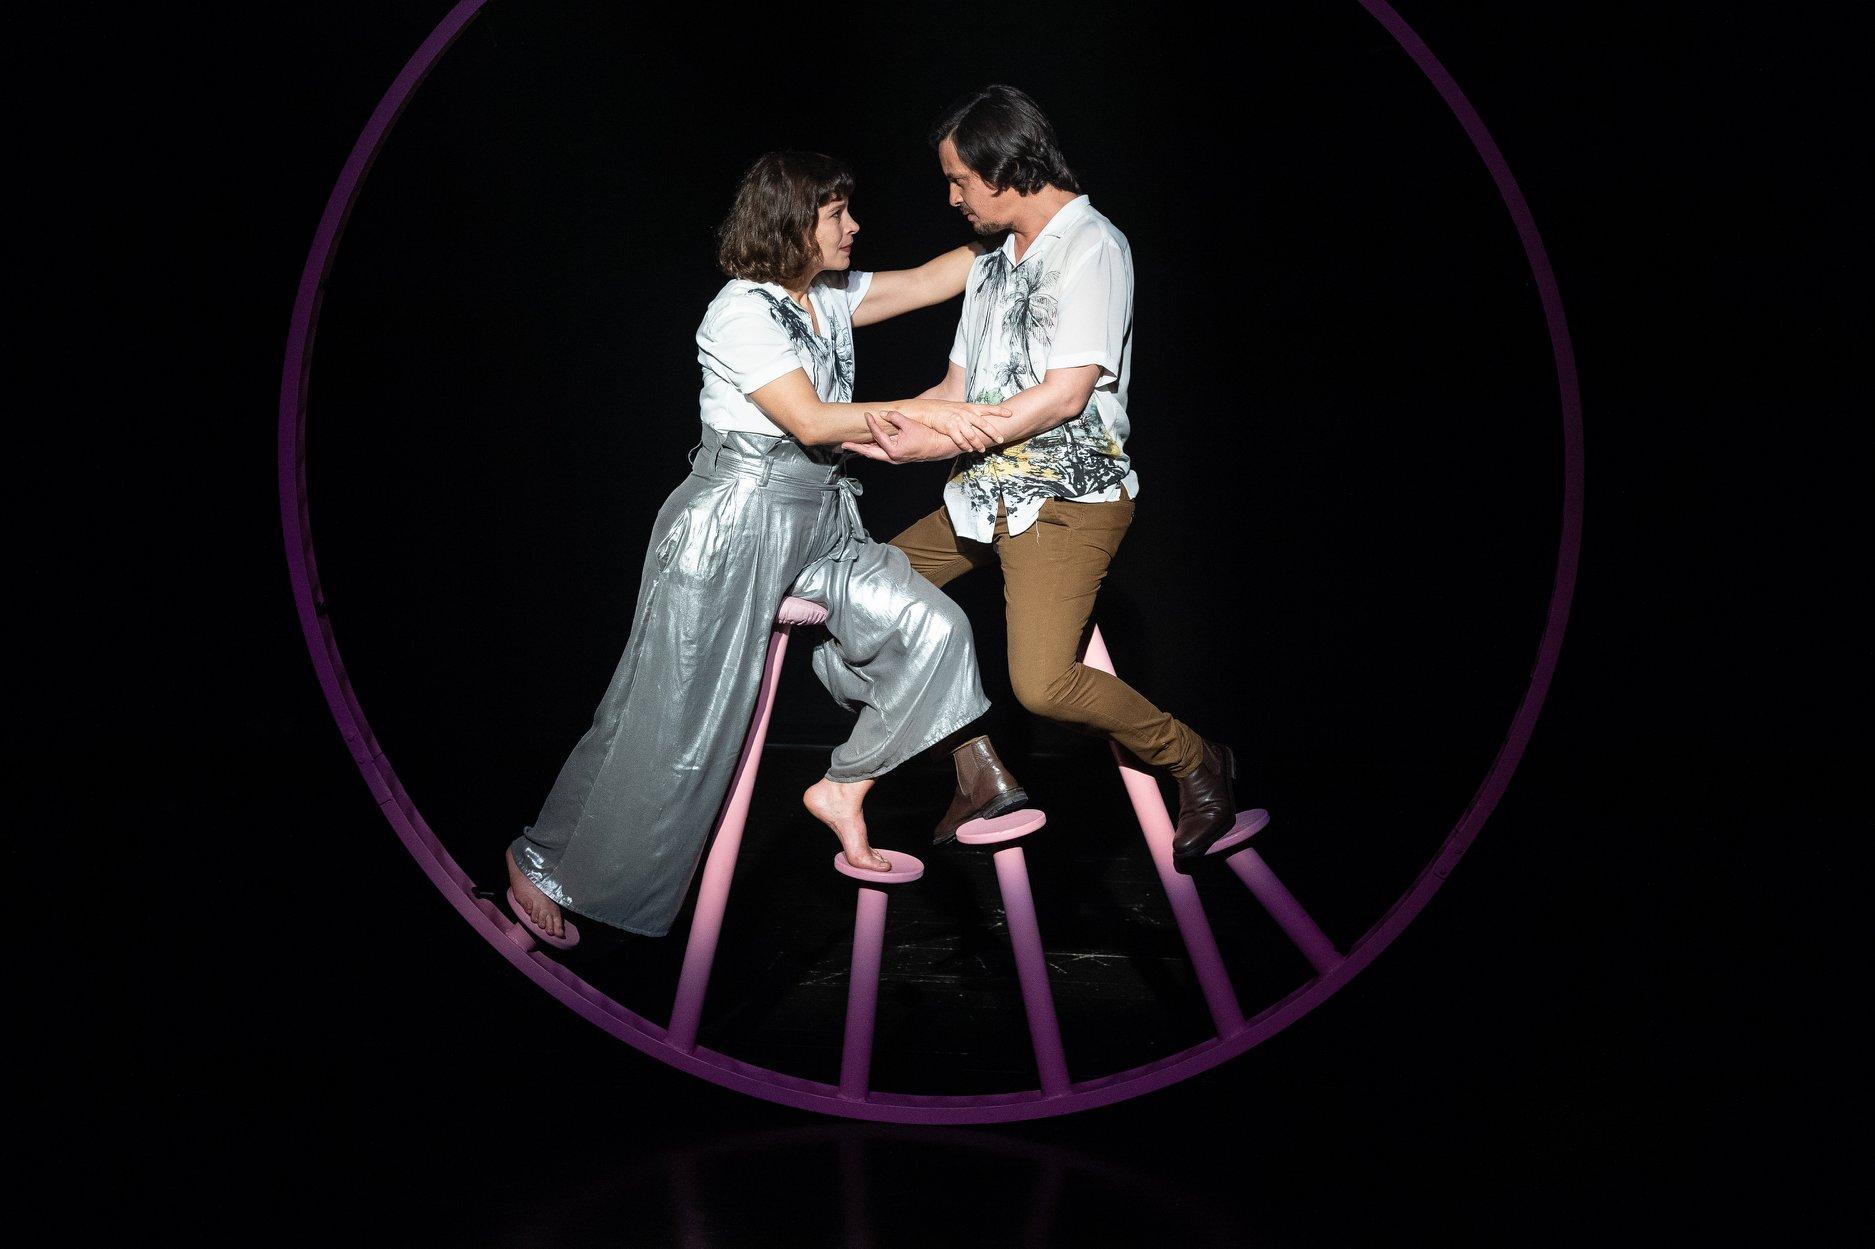 FITEI – Festival Internacional de Teatro de Expressão Ibérica